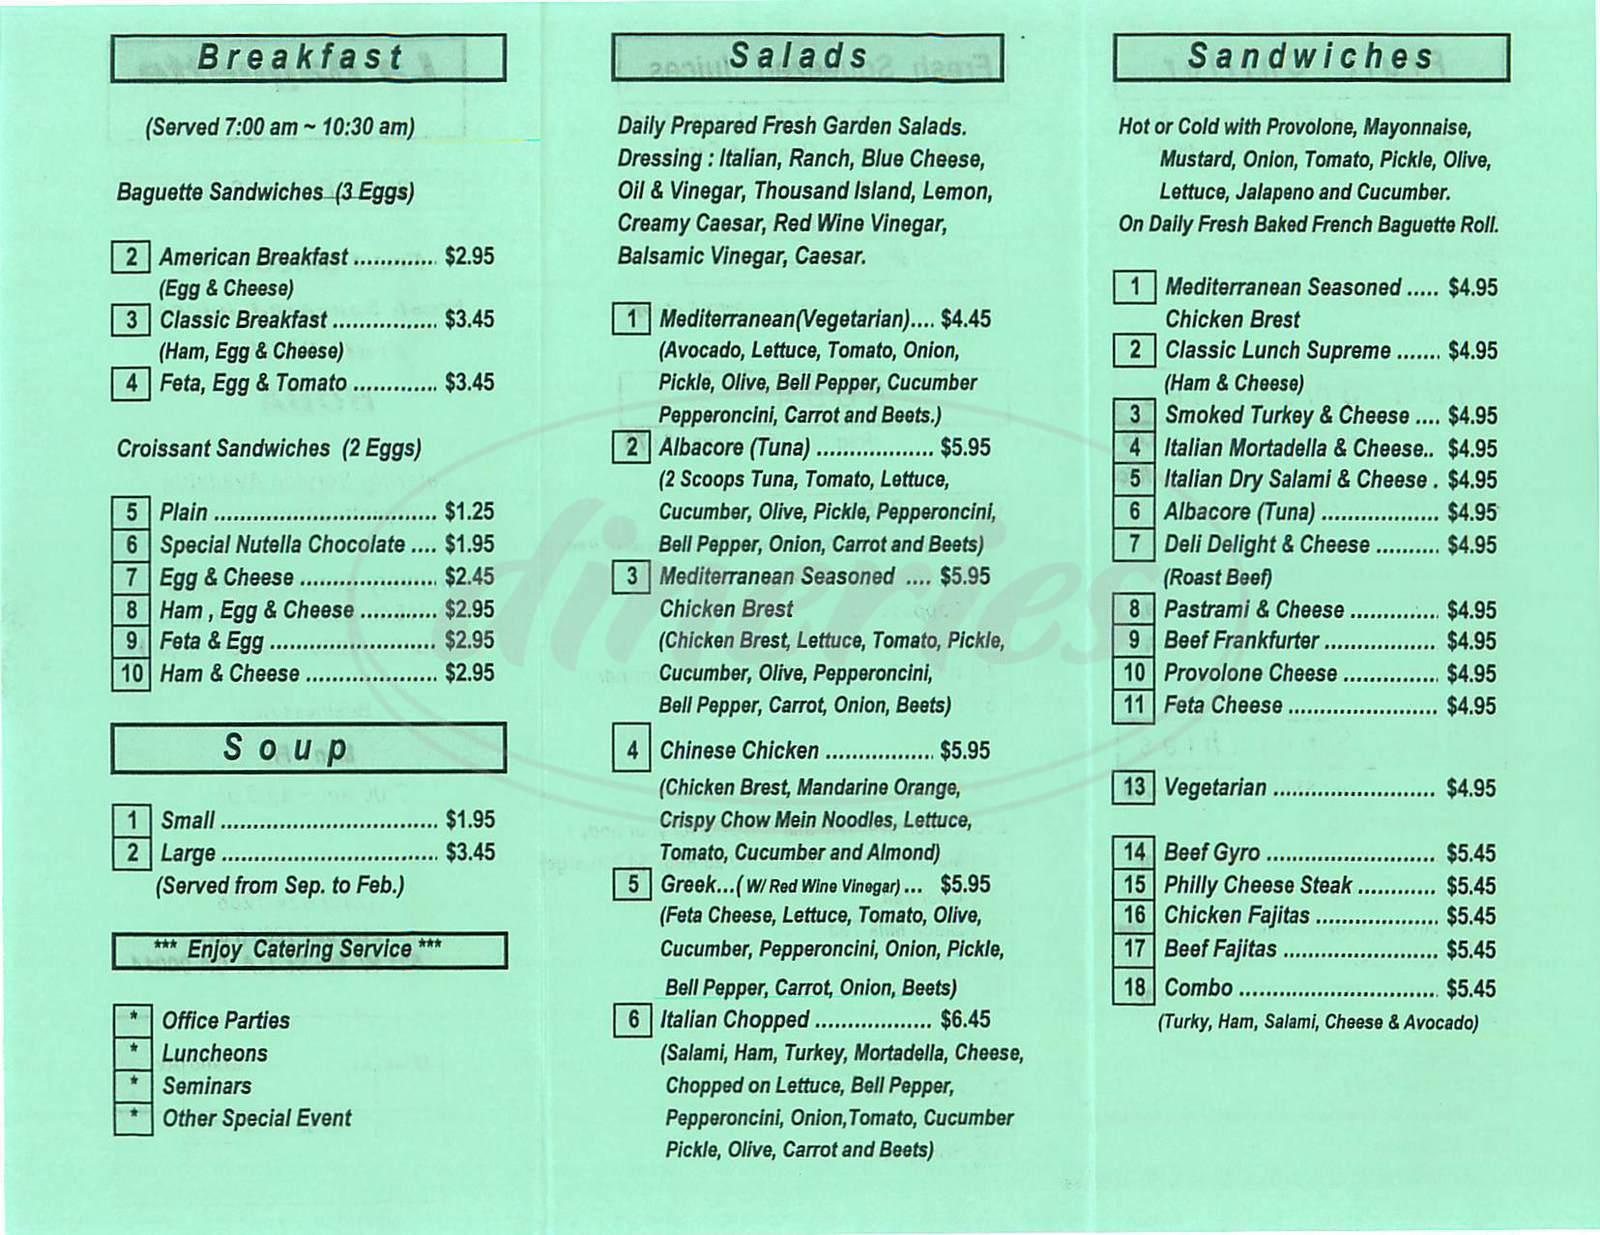 menu for La Baguette